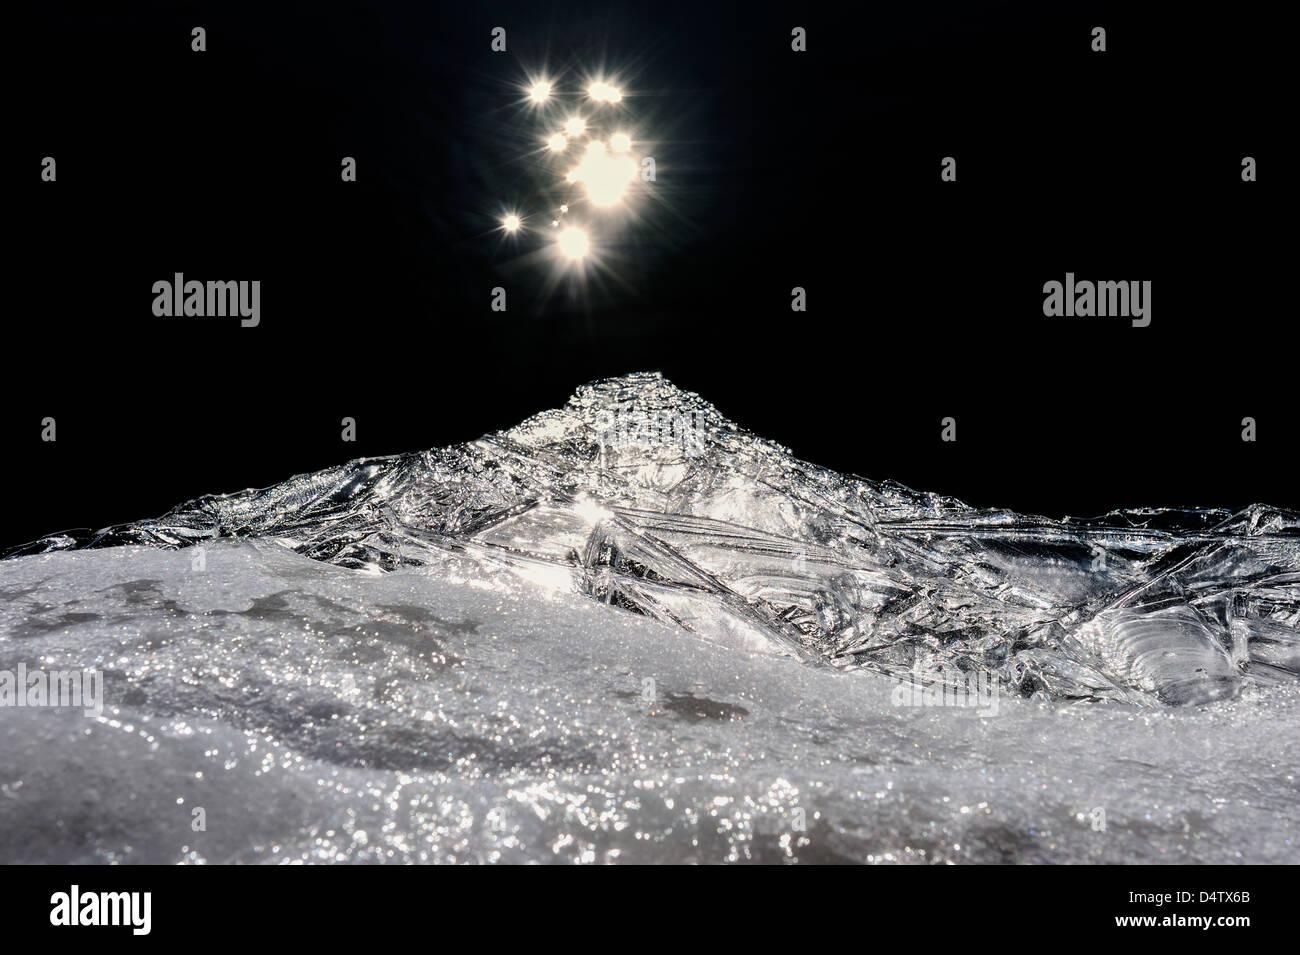 Las estrellas brillantes se refleja en el río Göta Älv, Suecia, Europa Imagen De Stock